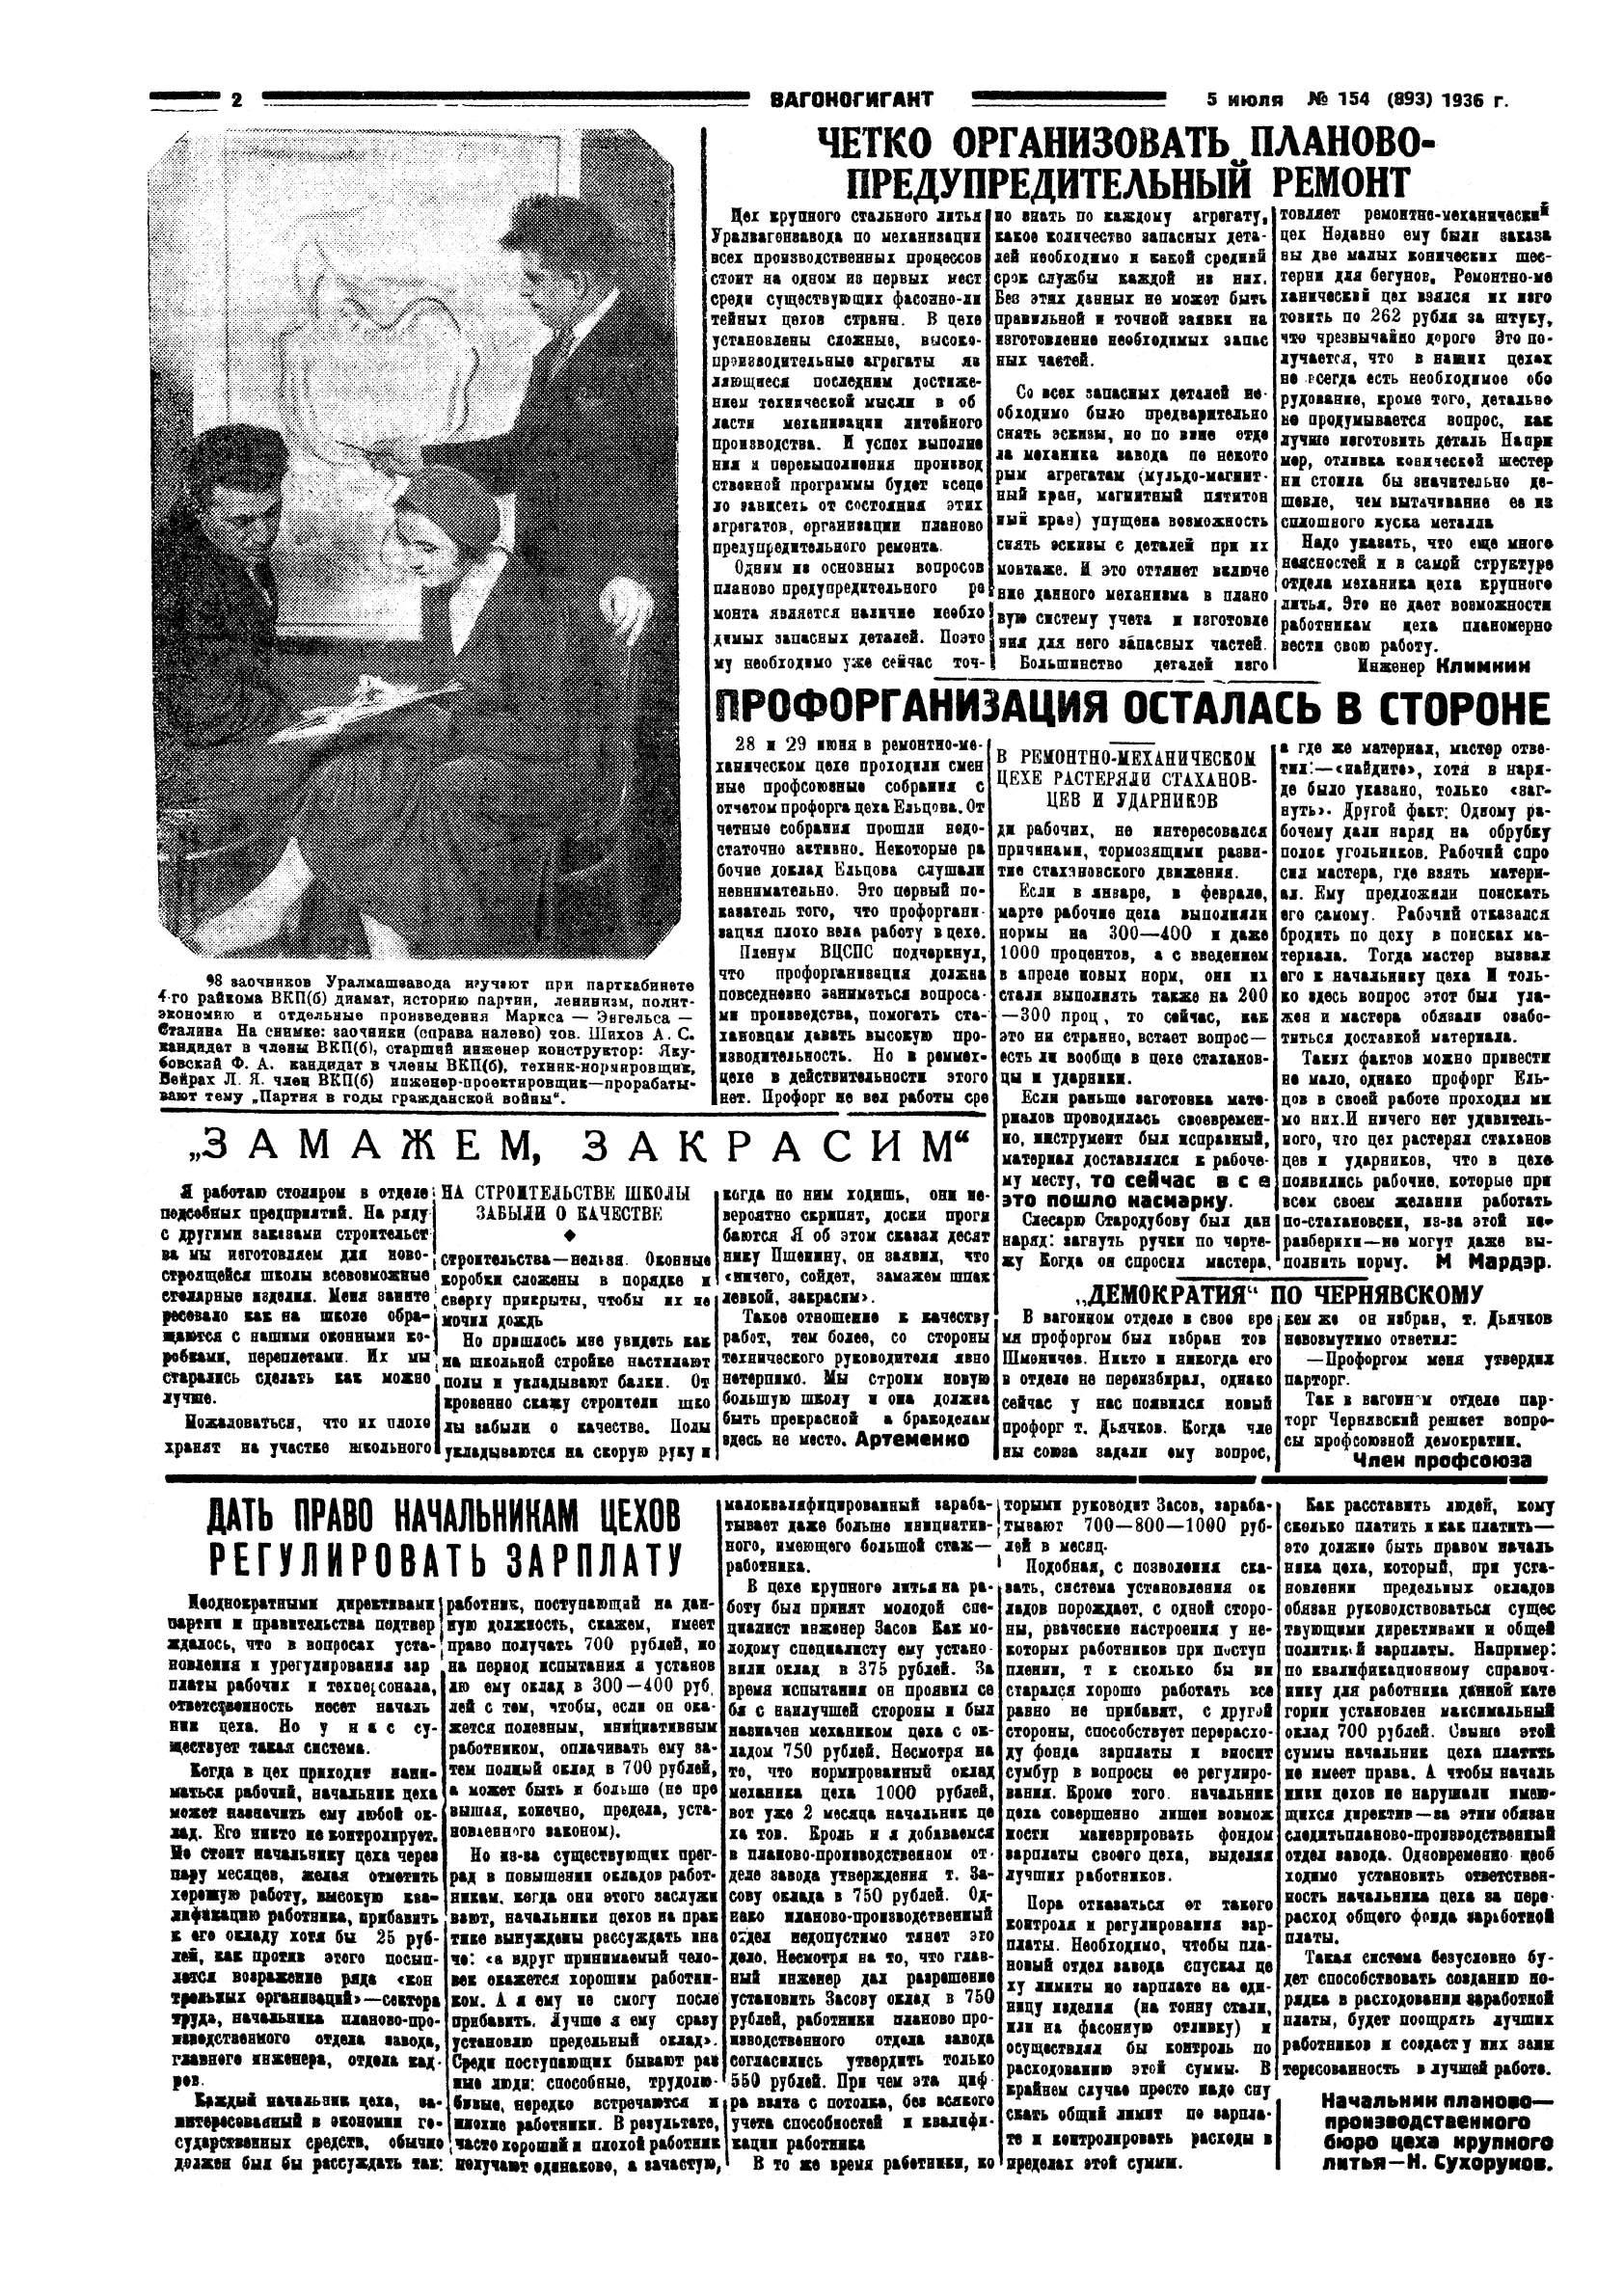 Вагонгигант_1936.compressed_Page_2